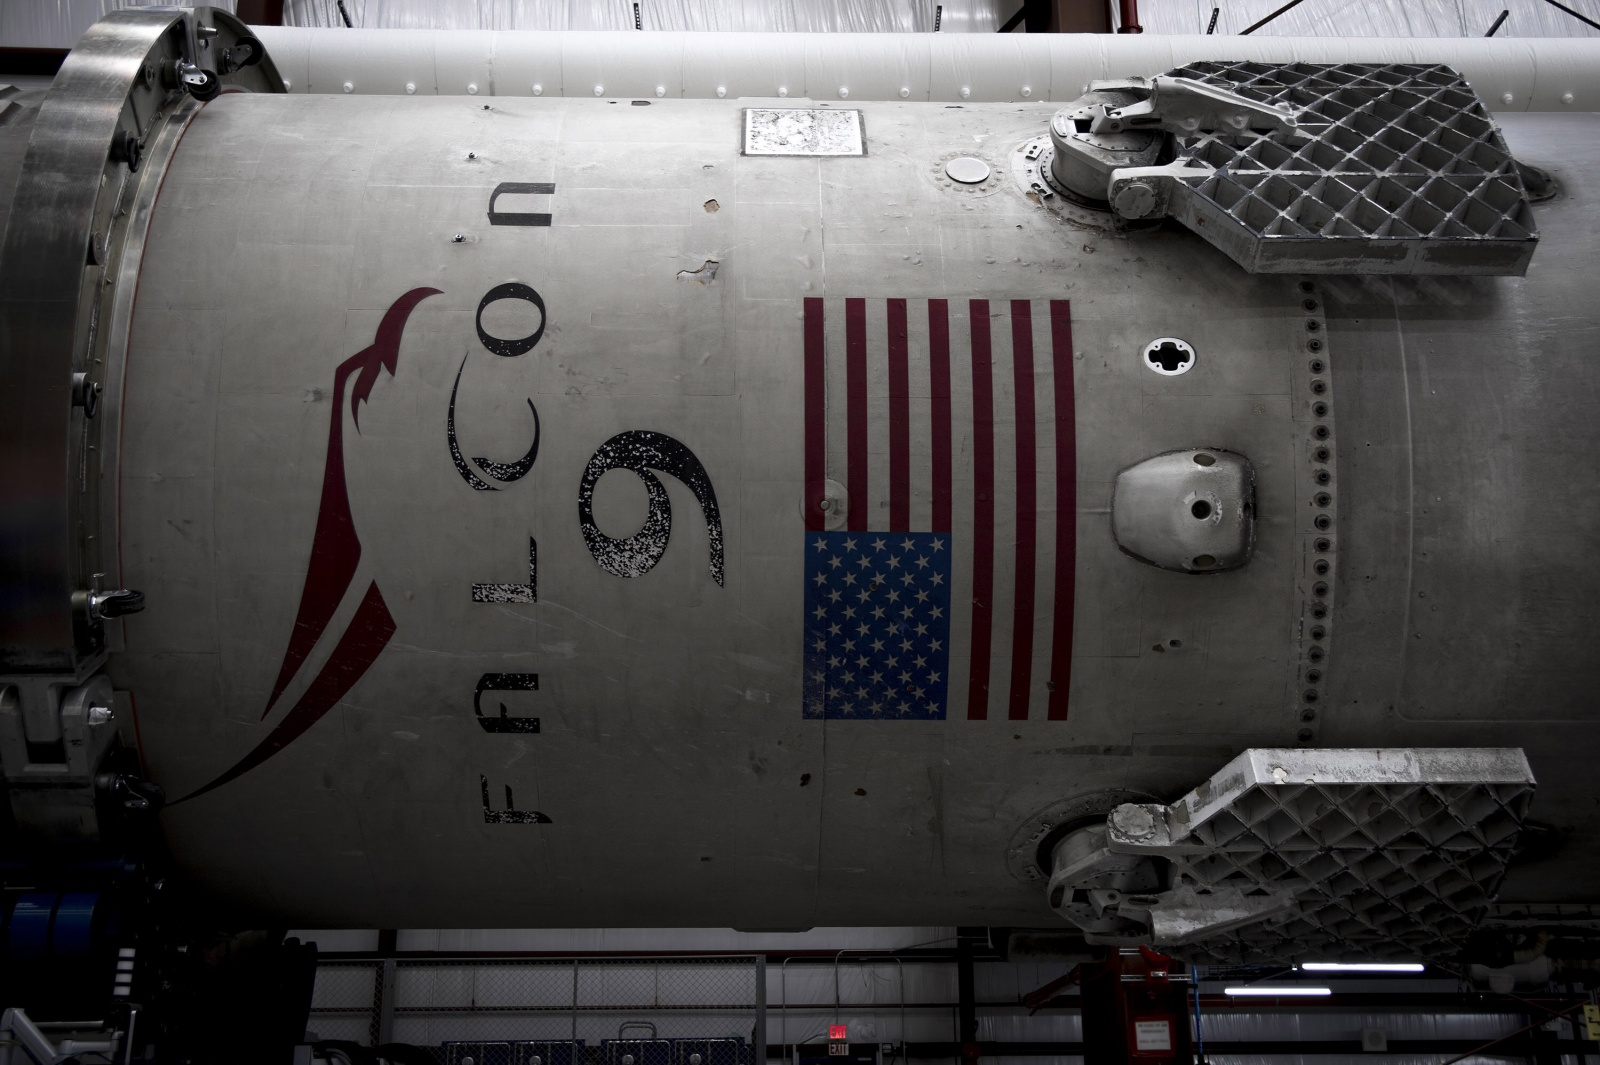 Посадка Falcon-9: взгляд специалиста - 7